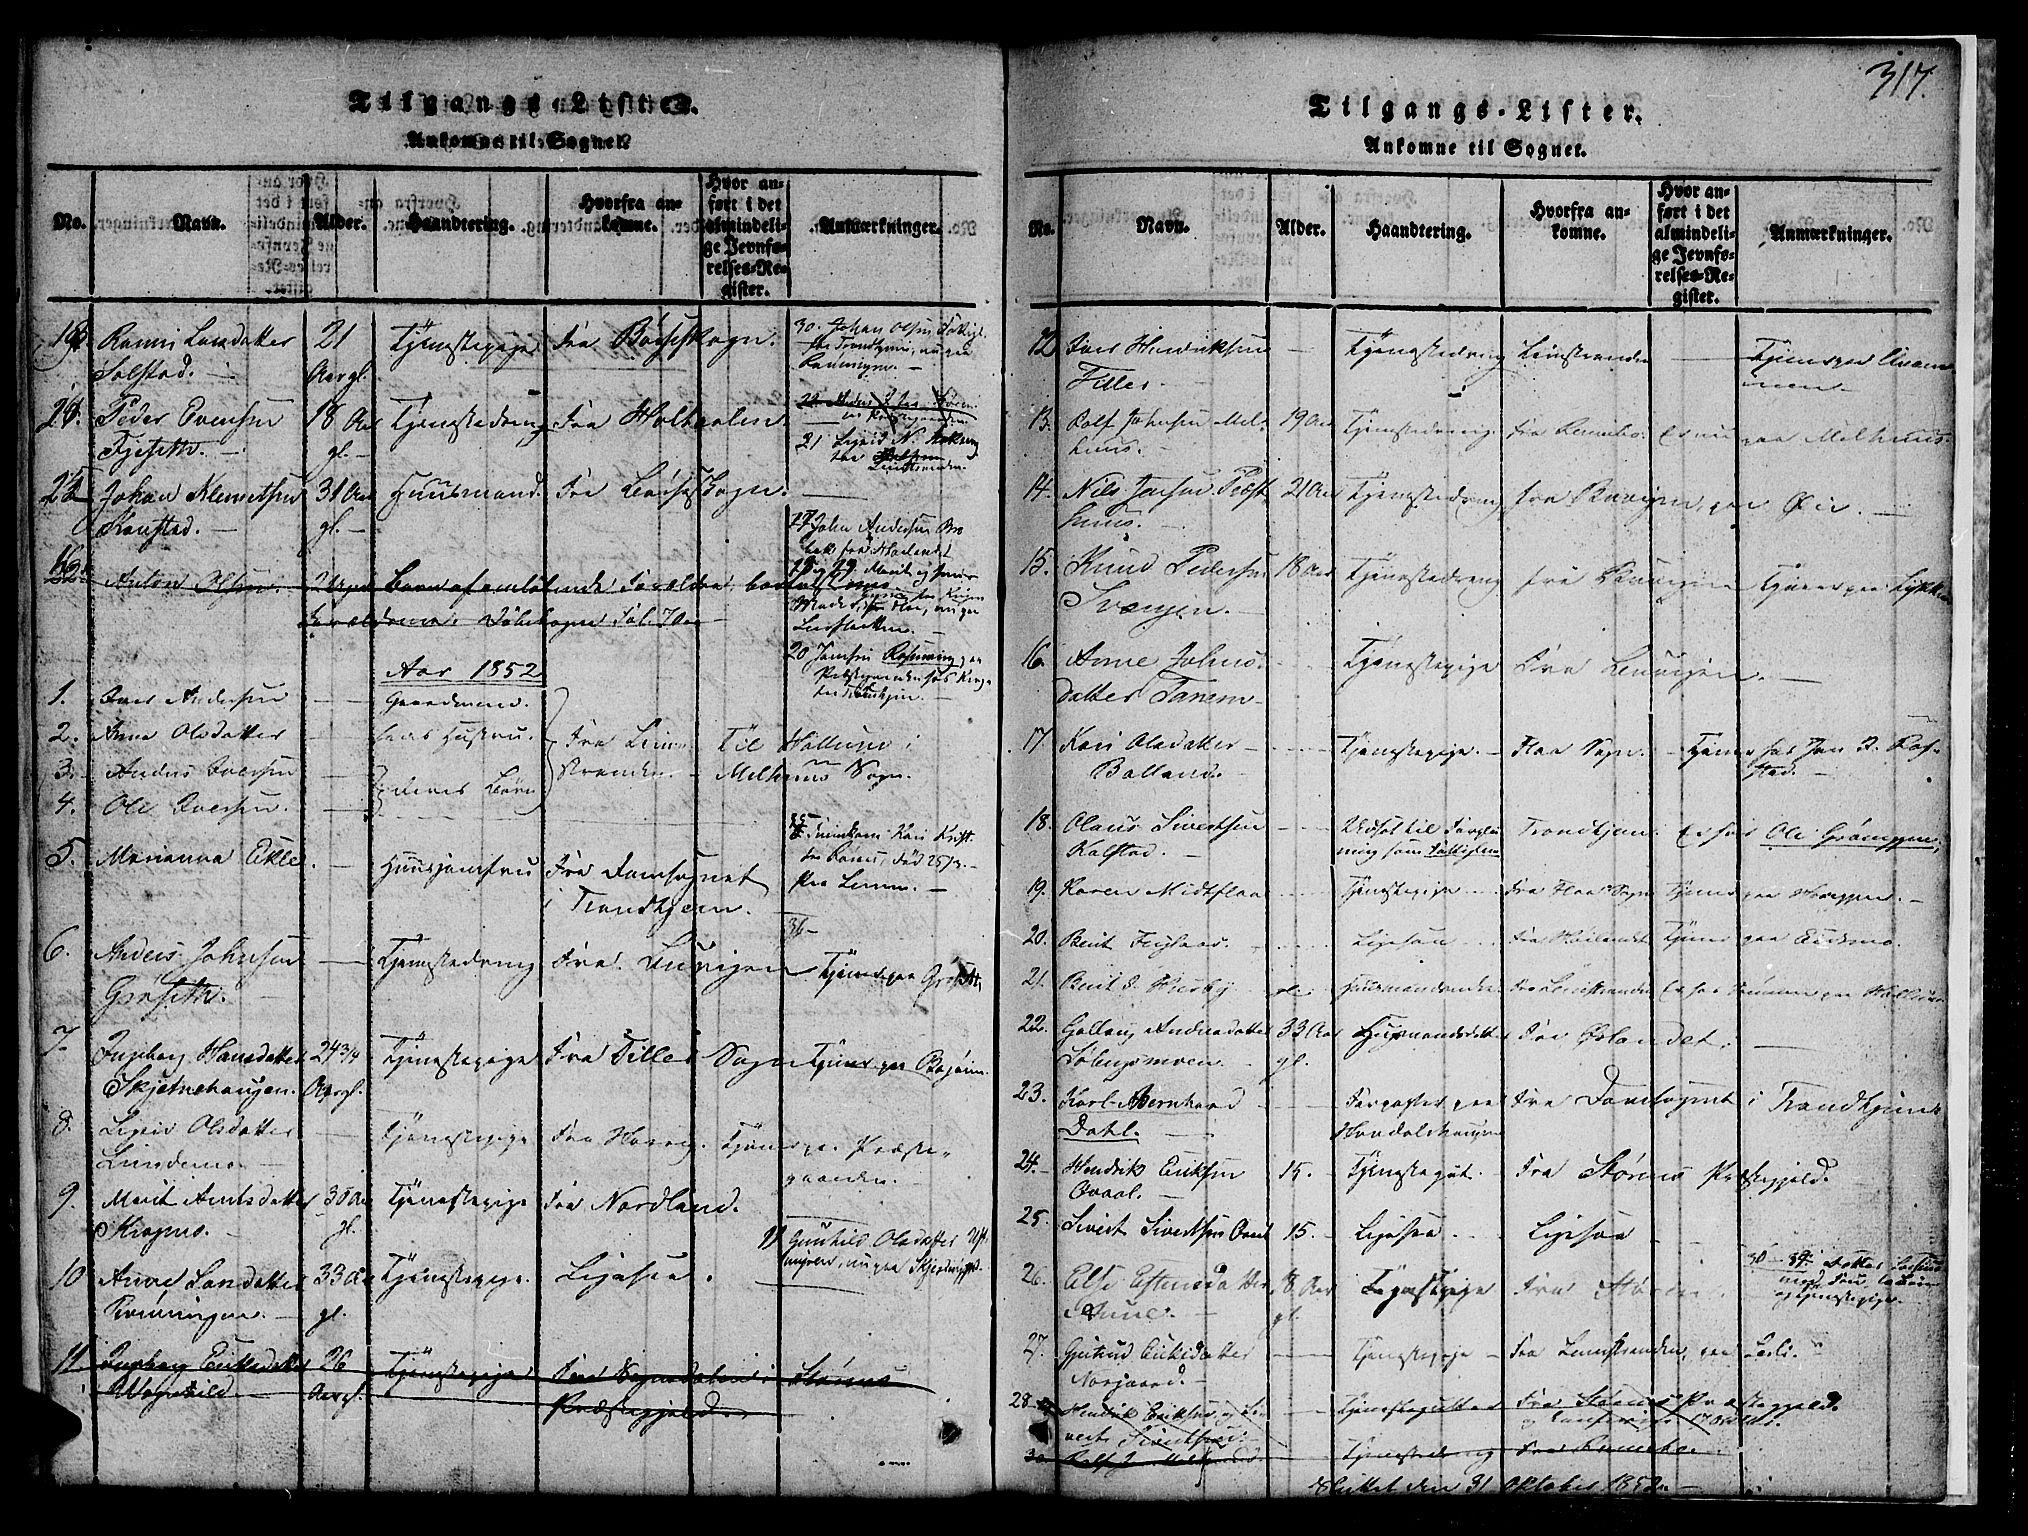 SAT, Ministerialprotokoller, klokkerbøker og fødselsregistre - Sør-Trøndelag, 691/L1092: Klokkerbok nr. 691C03, 1816-1852, s. 317